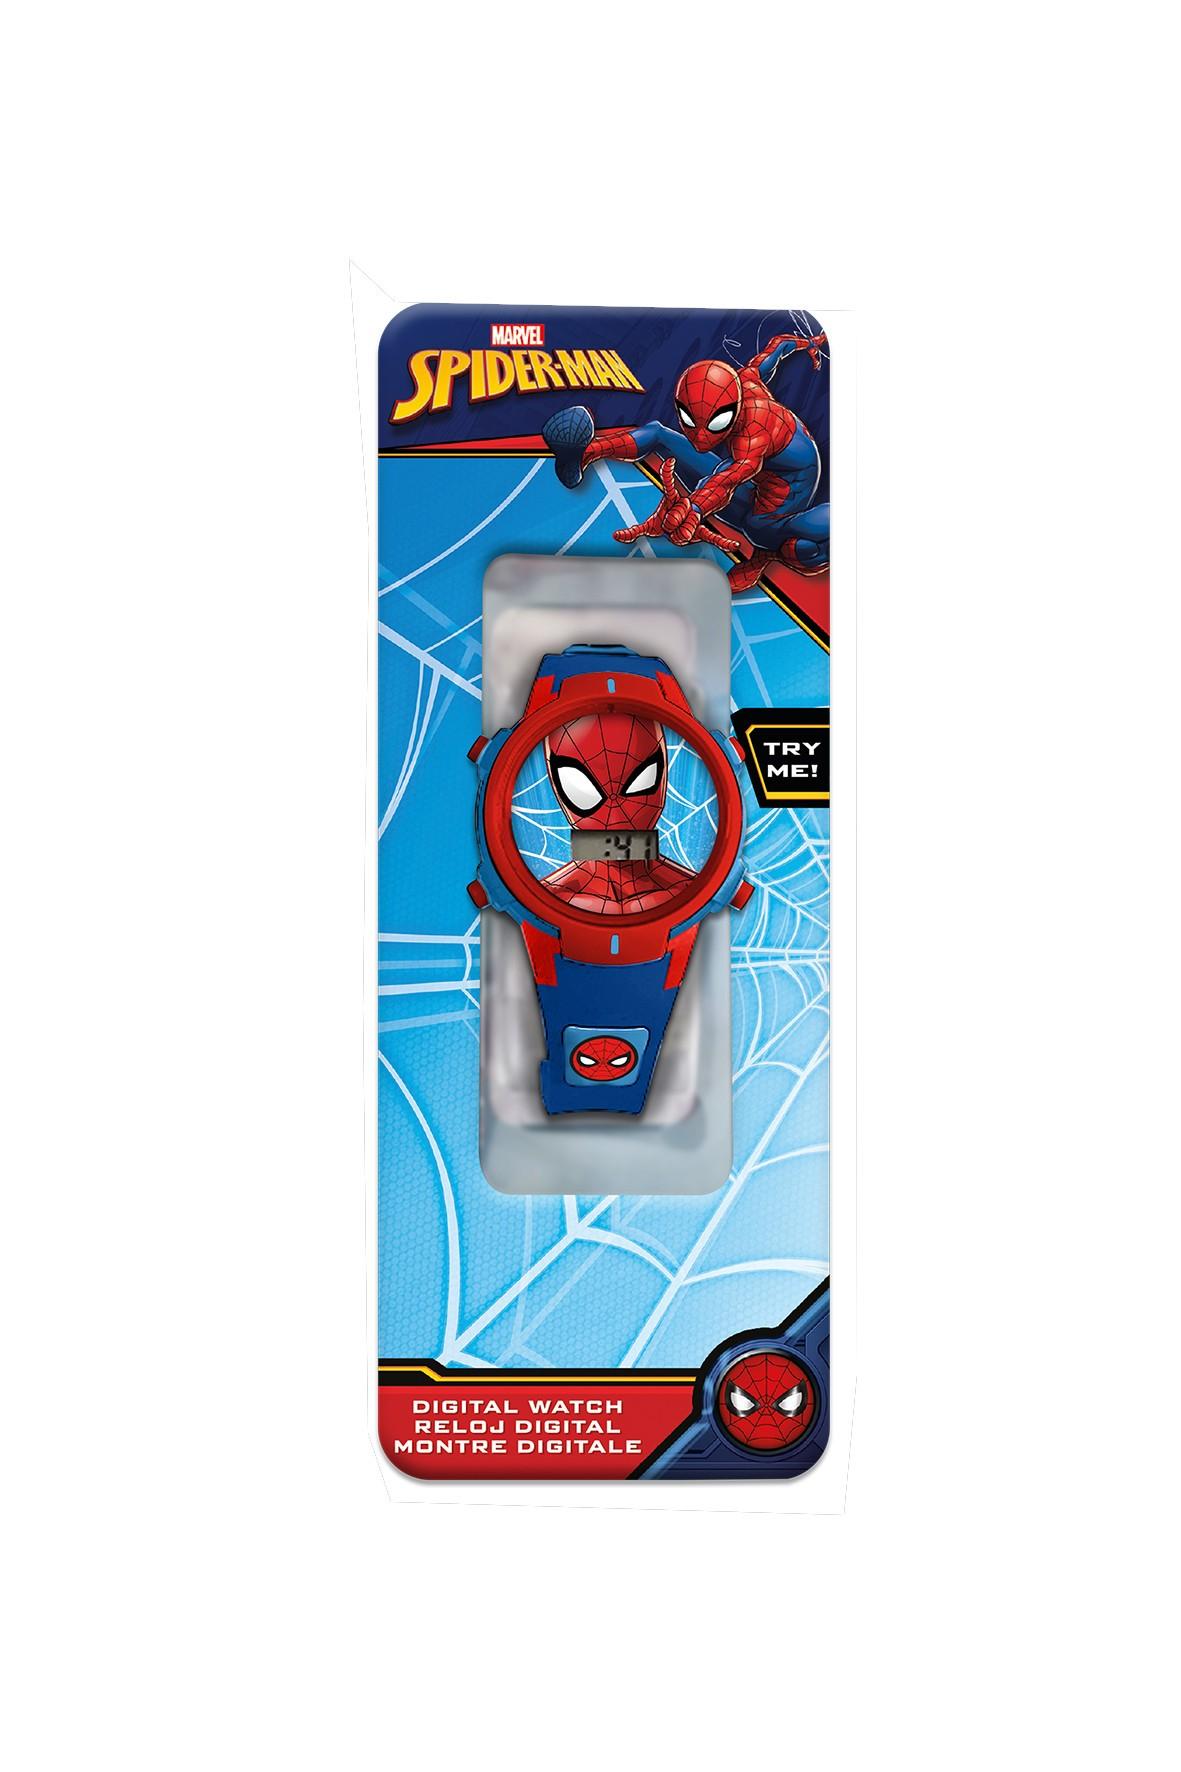 Zegarek cyfrowy ze światełkami LED Spiderman